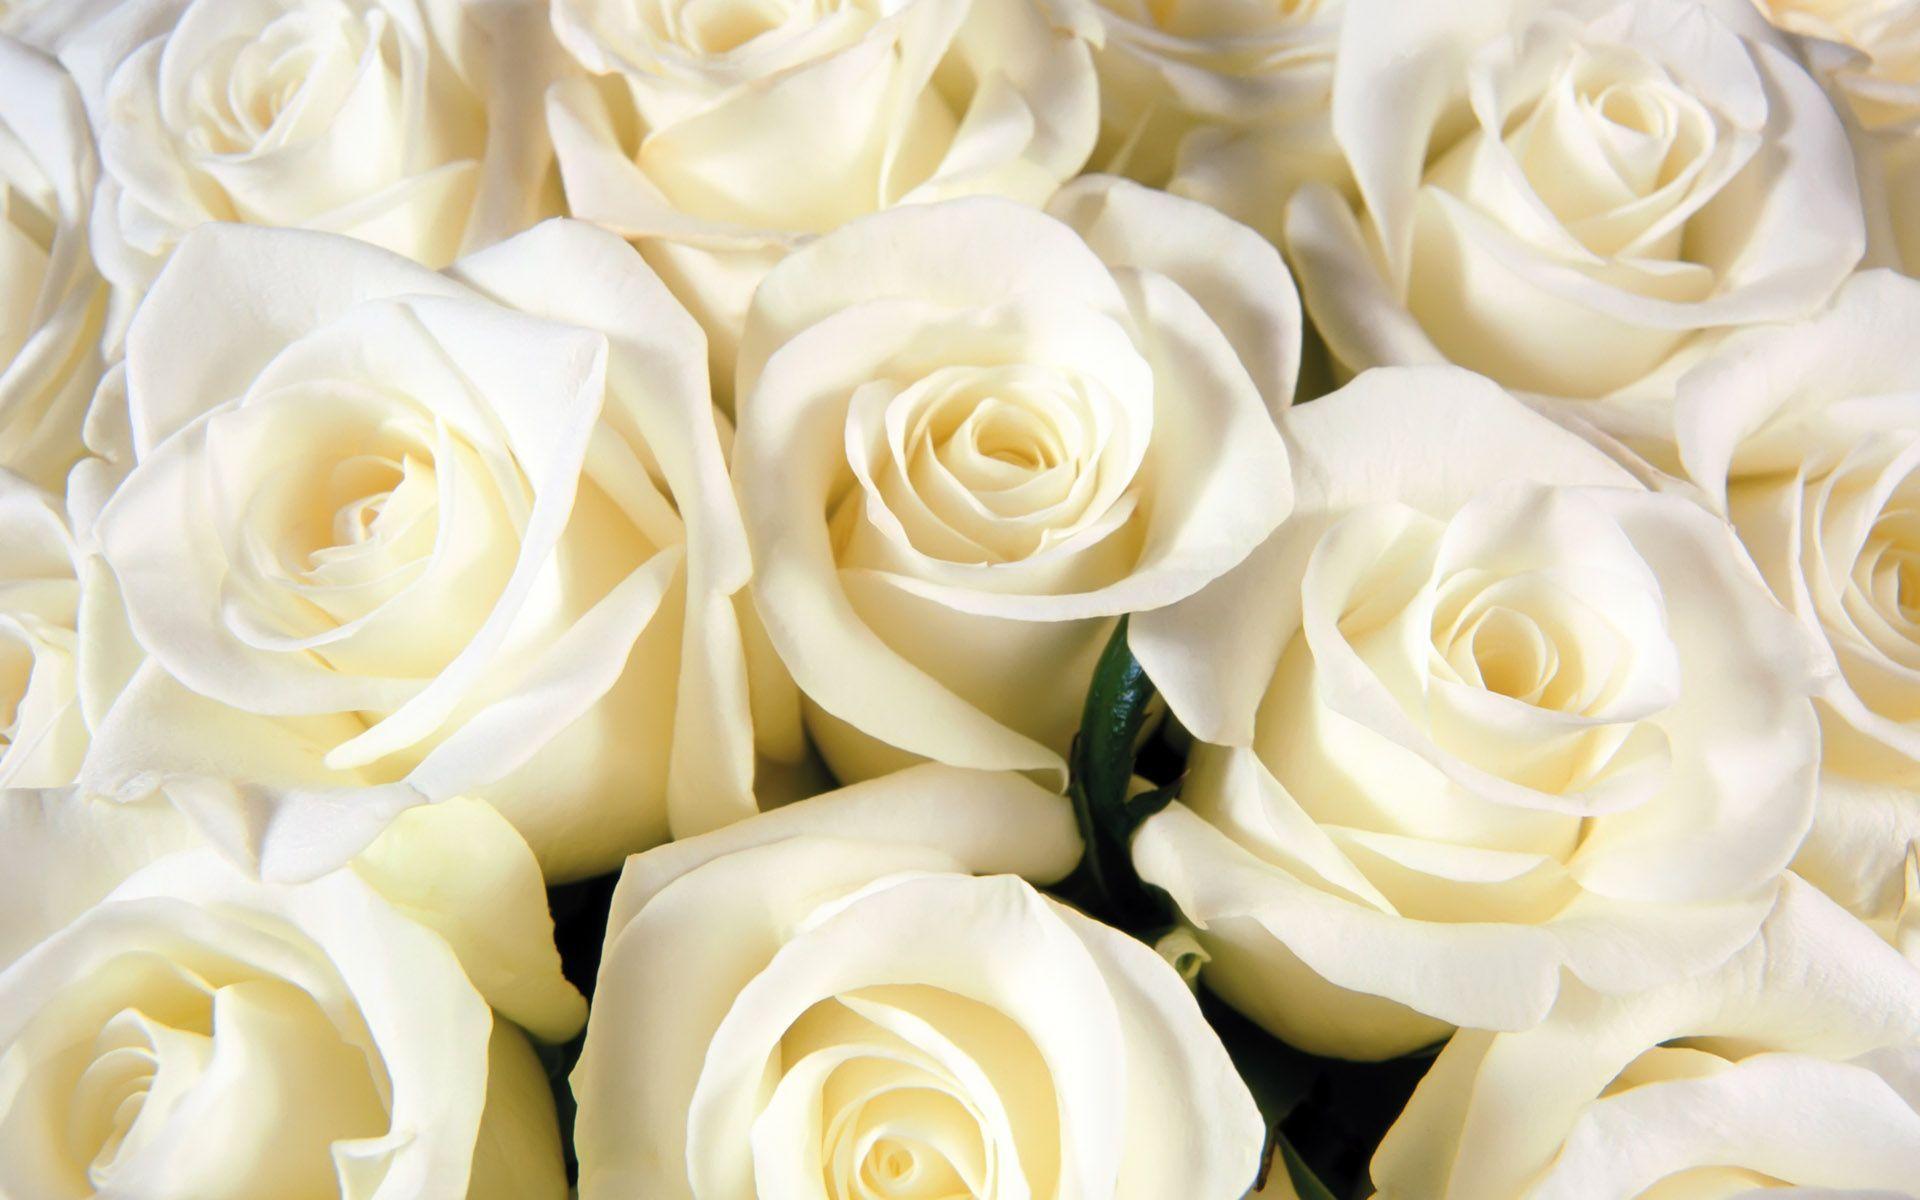 صور ورد جميل صور ورد رومانسى HD 2020 معلومات عن الورد 3